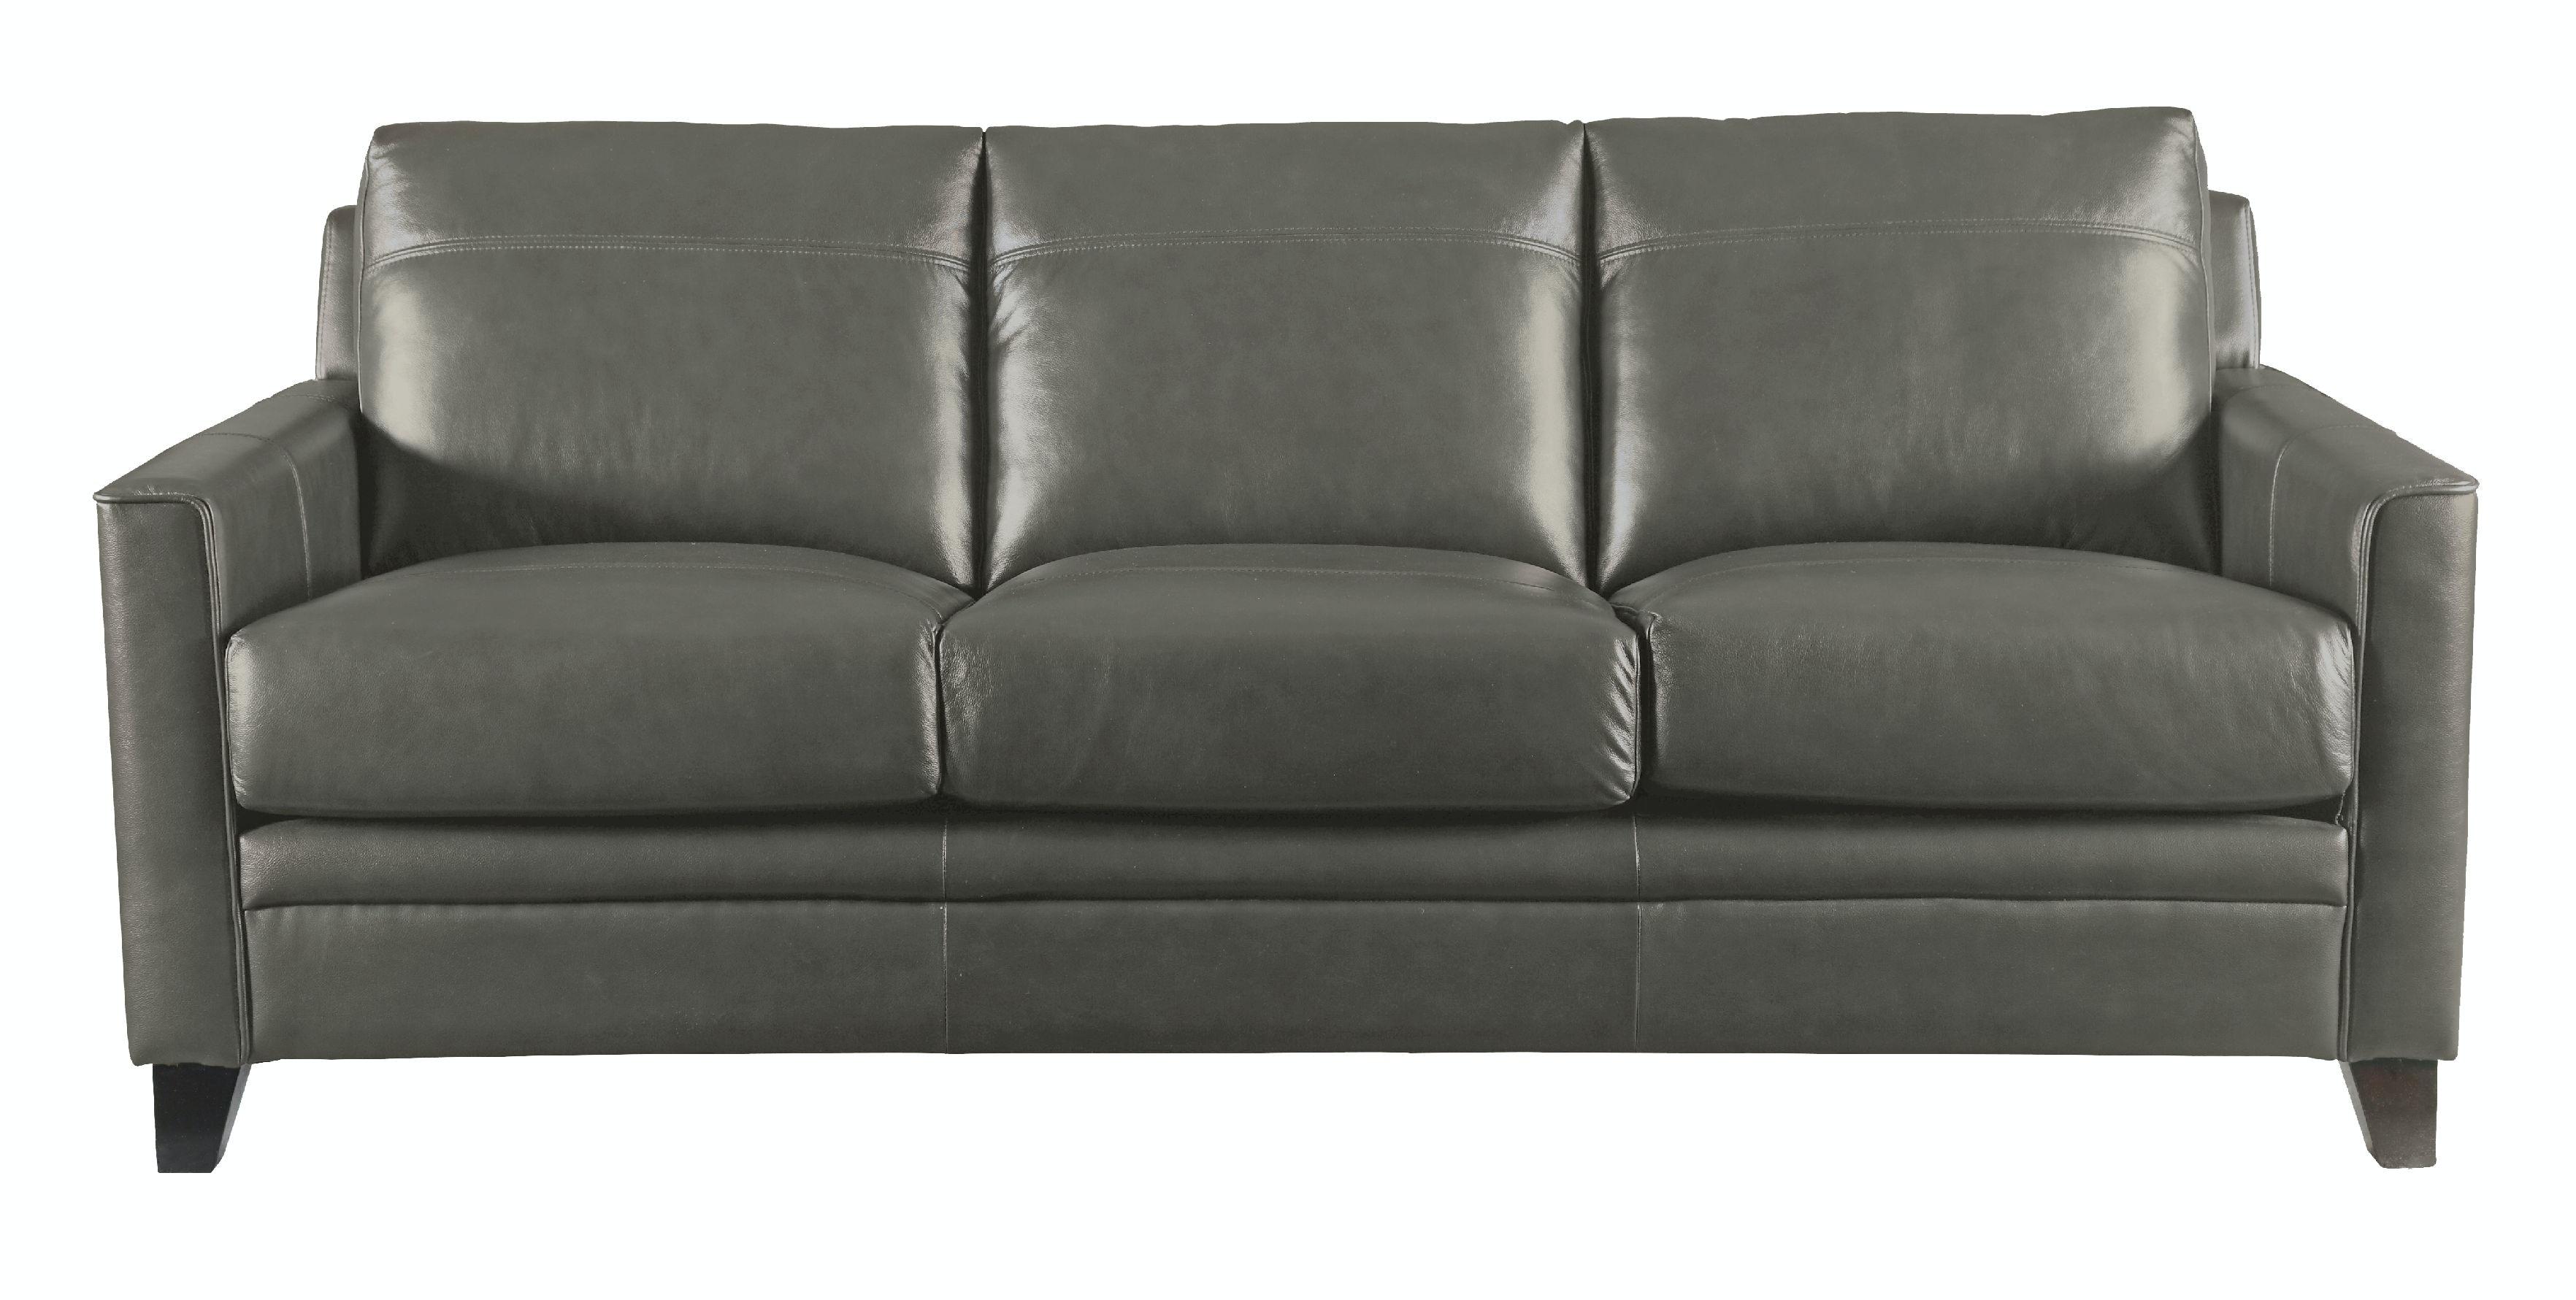 Leather Italia Fletcher Sofa 1444 6287B 031128A